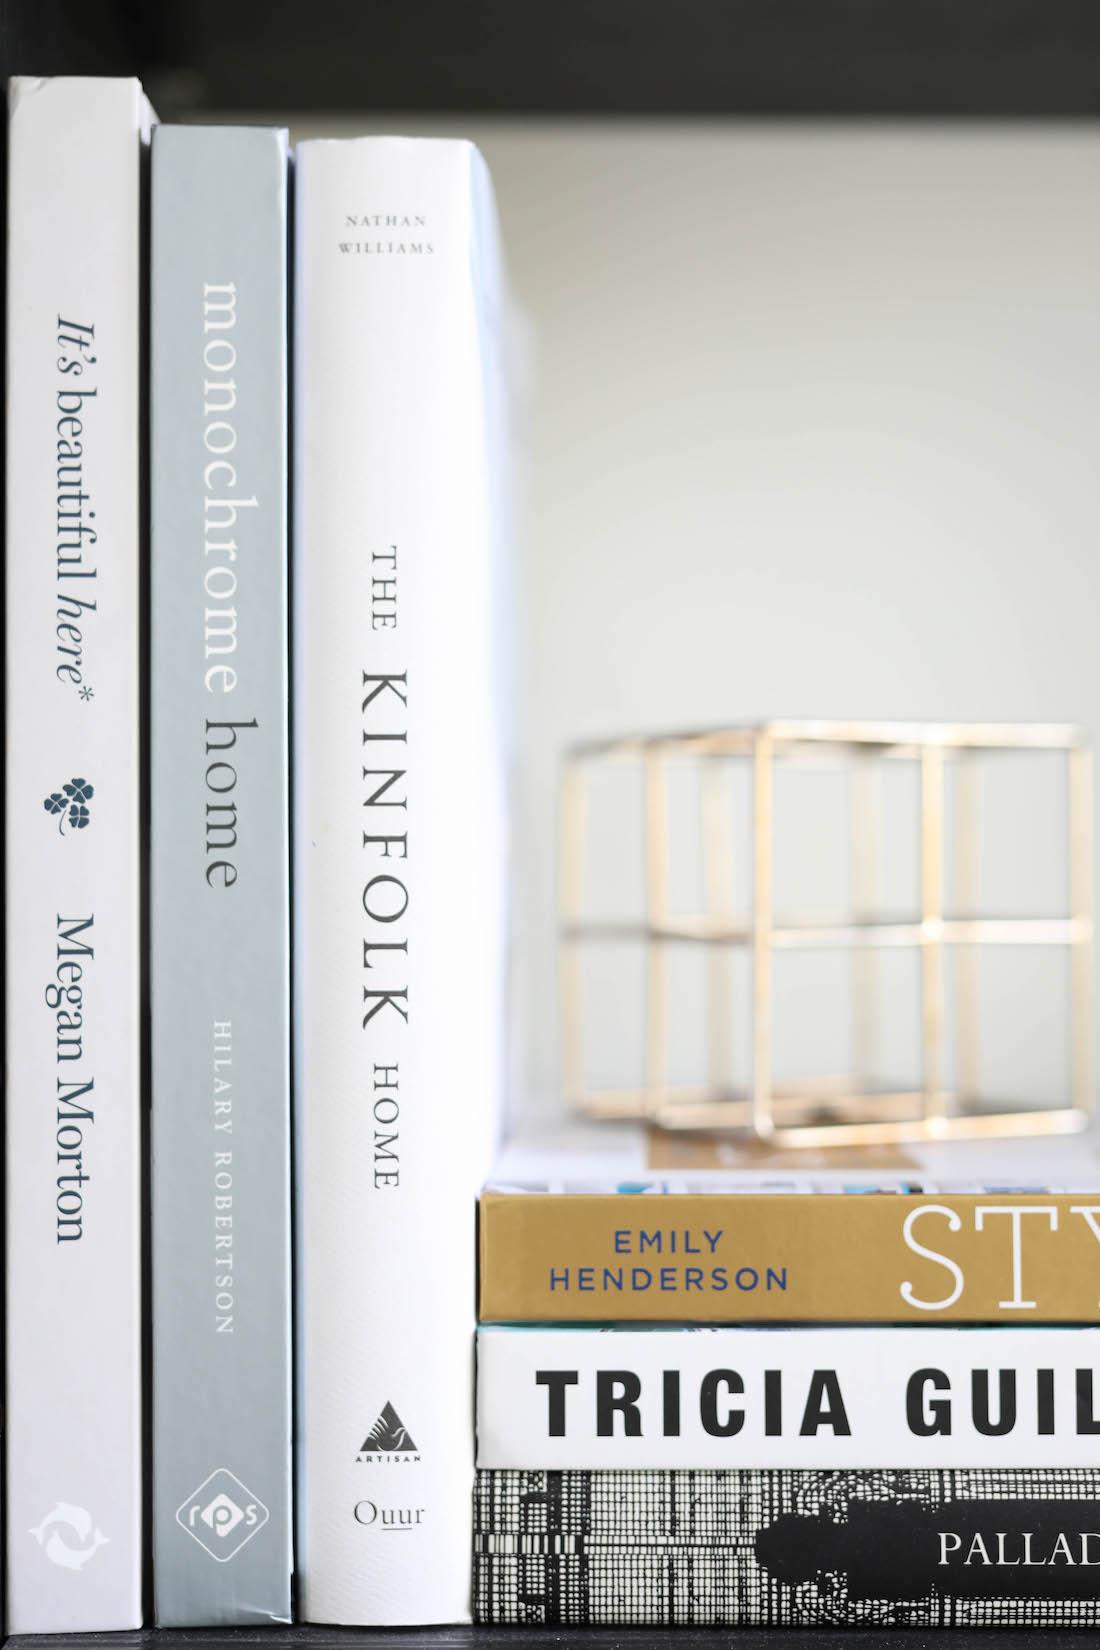 Interior books